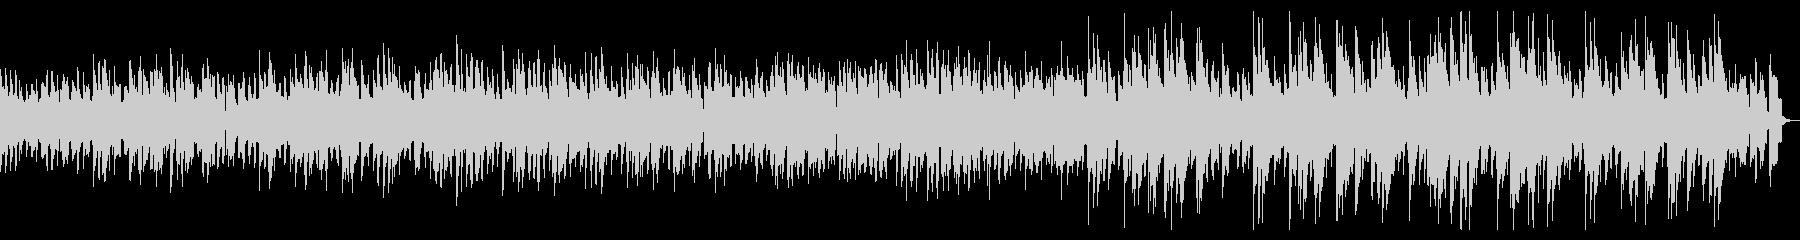 ピアノによるしっとりバラードジャズの未再生の波形